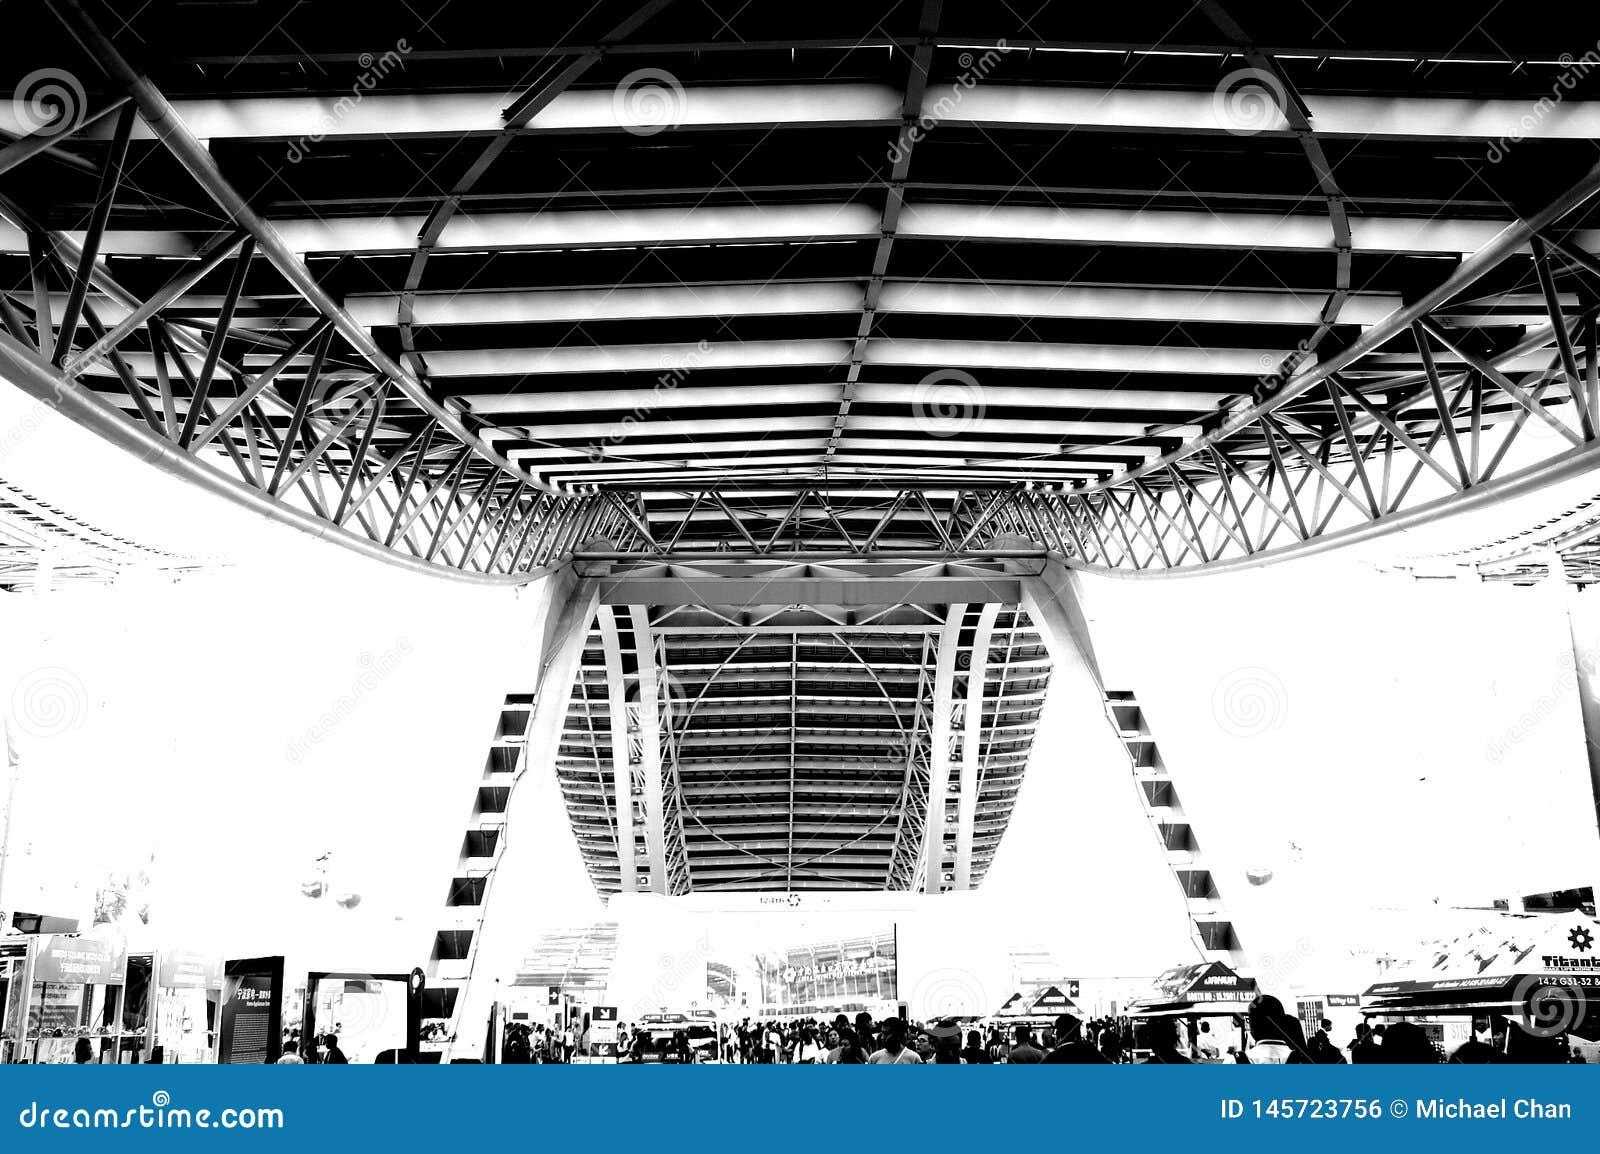 Foto preto e branco, o sal?o de exposi??o o maior do mundo, constru??o, centro de exposi??o internacional de Guangzhou Pazhou